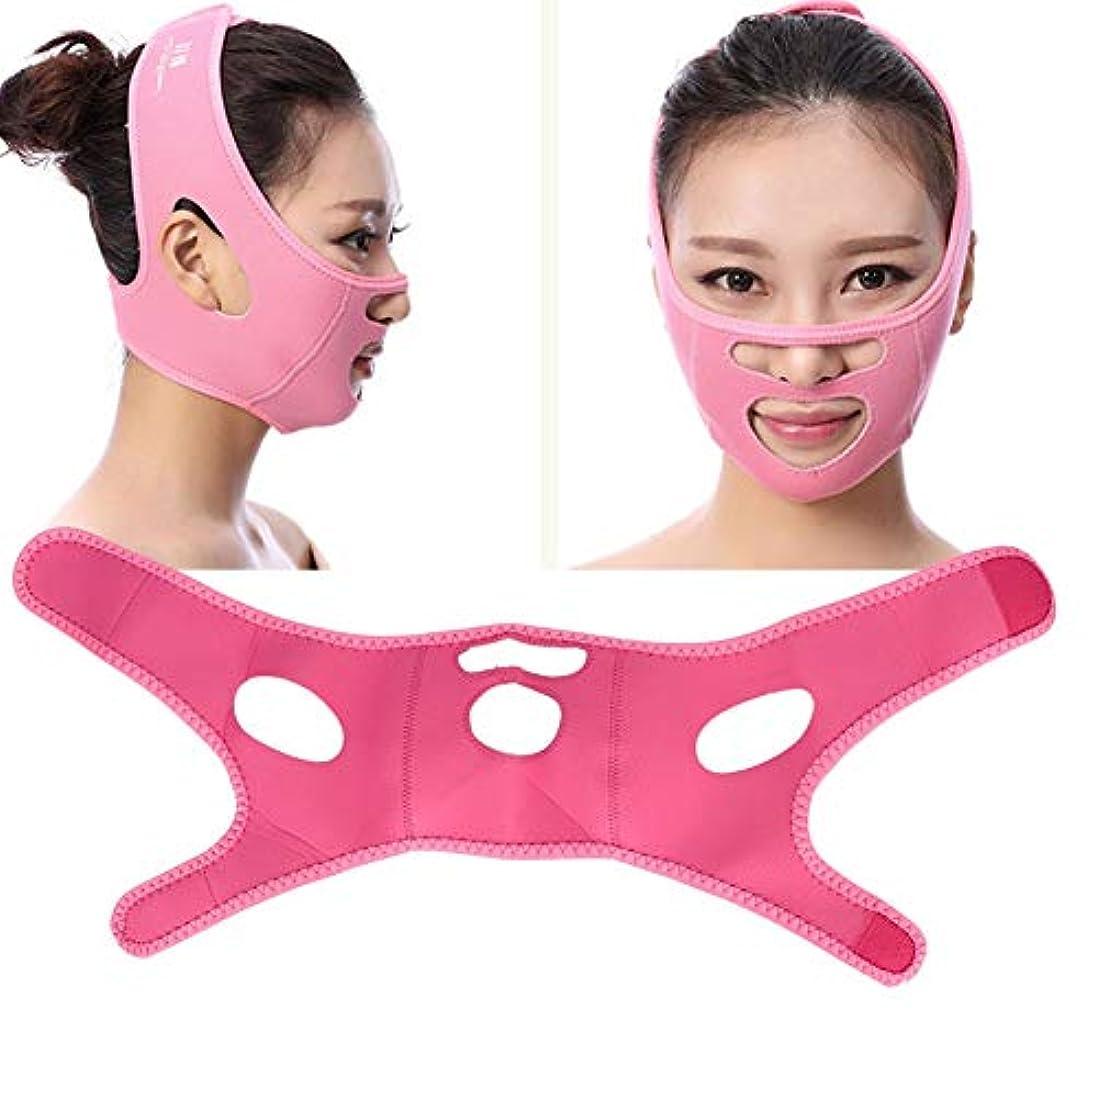 雑草バター与えるスリミングマスク - V字型マスク、フェイスマスクV型 - 首とあごを持ち上げるため、アンチエイジング、しわを軽減